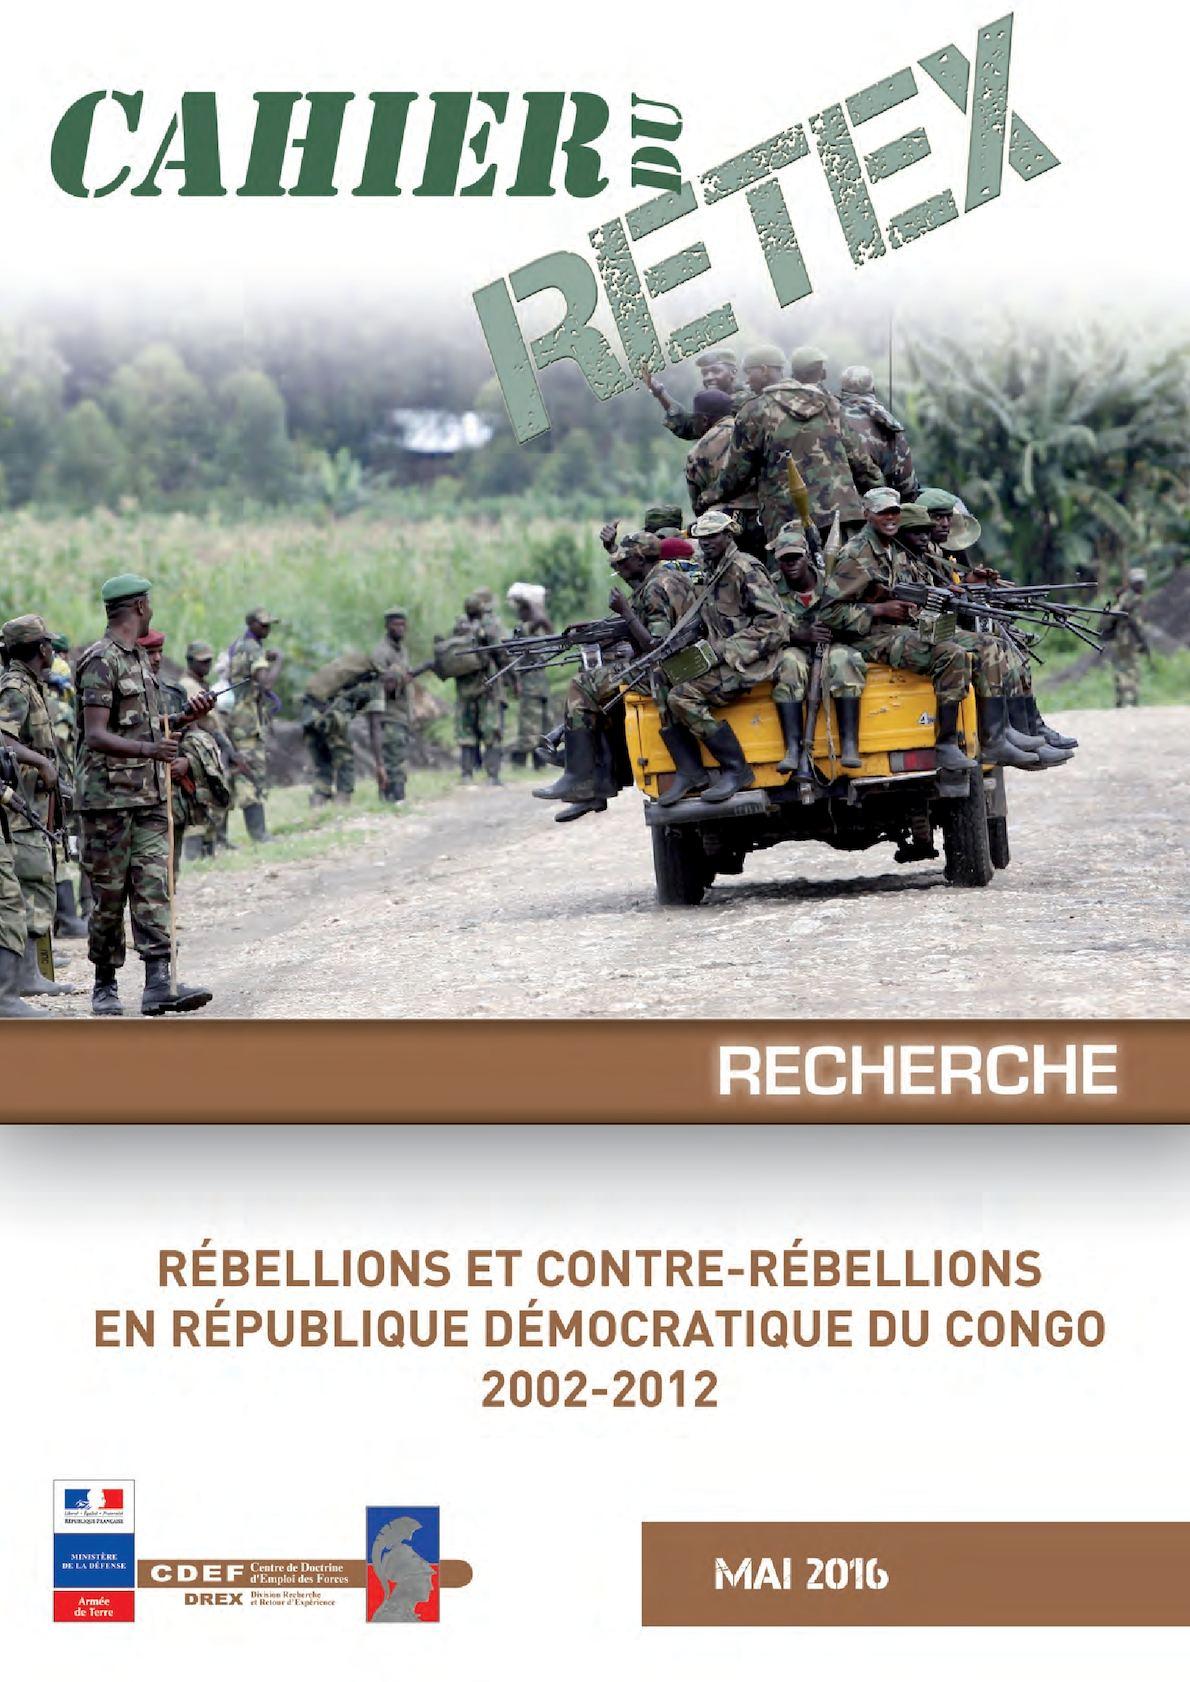 Rébellions et contre-rébellions en République Démocratique du Congo 2002-2012